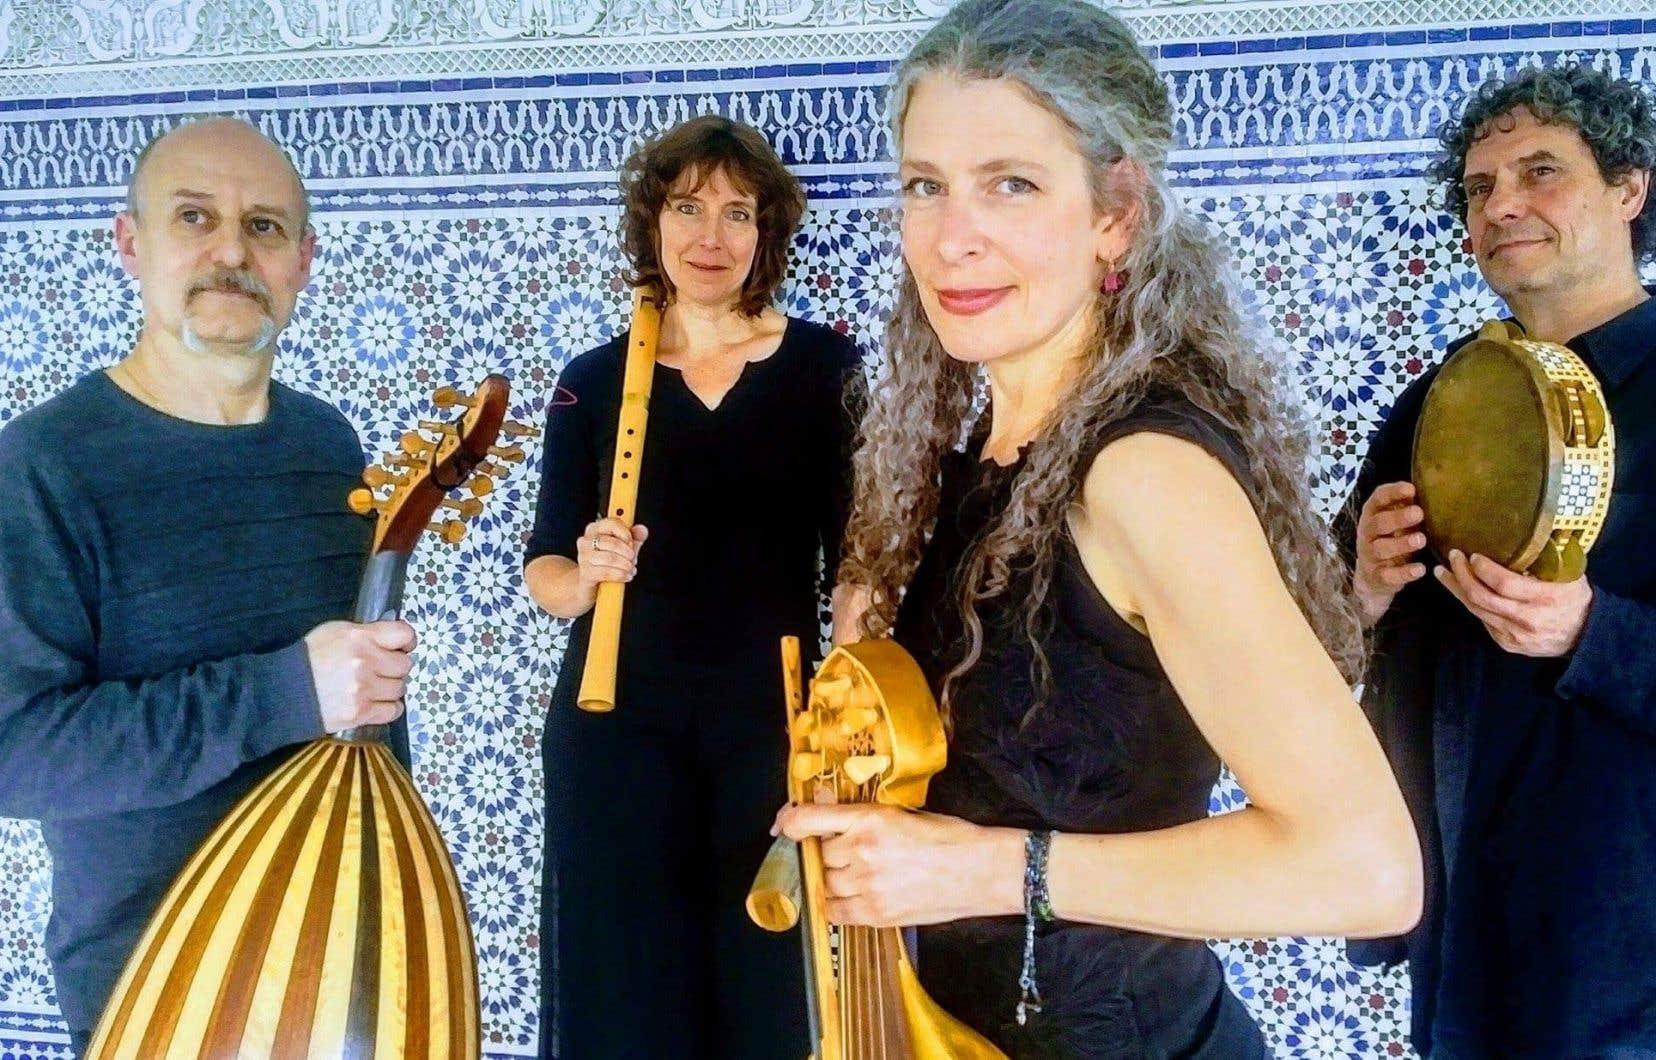 Cette année, le festival portera sur les trouvères, ces poètes et jongleurs du nord de la France qui composaient en langue d'oïl.